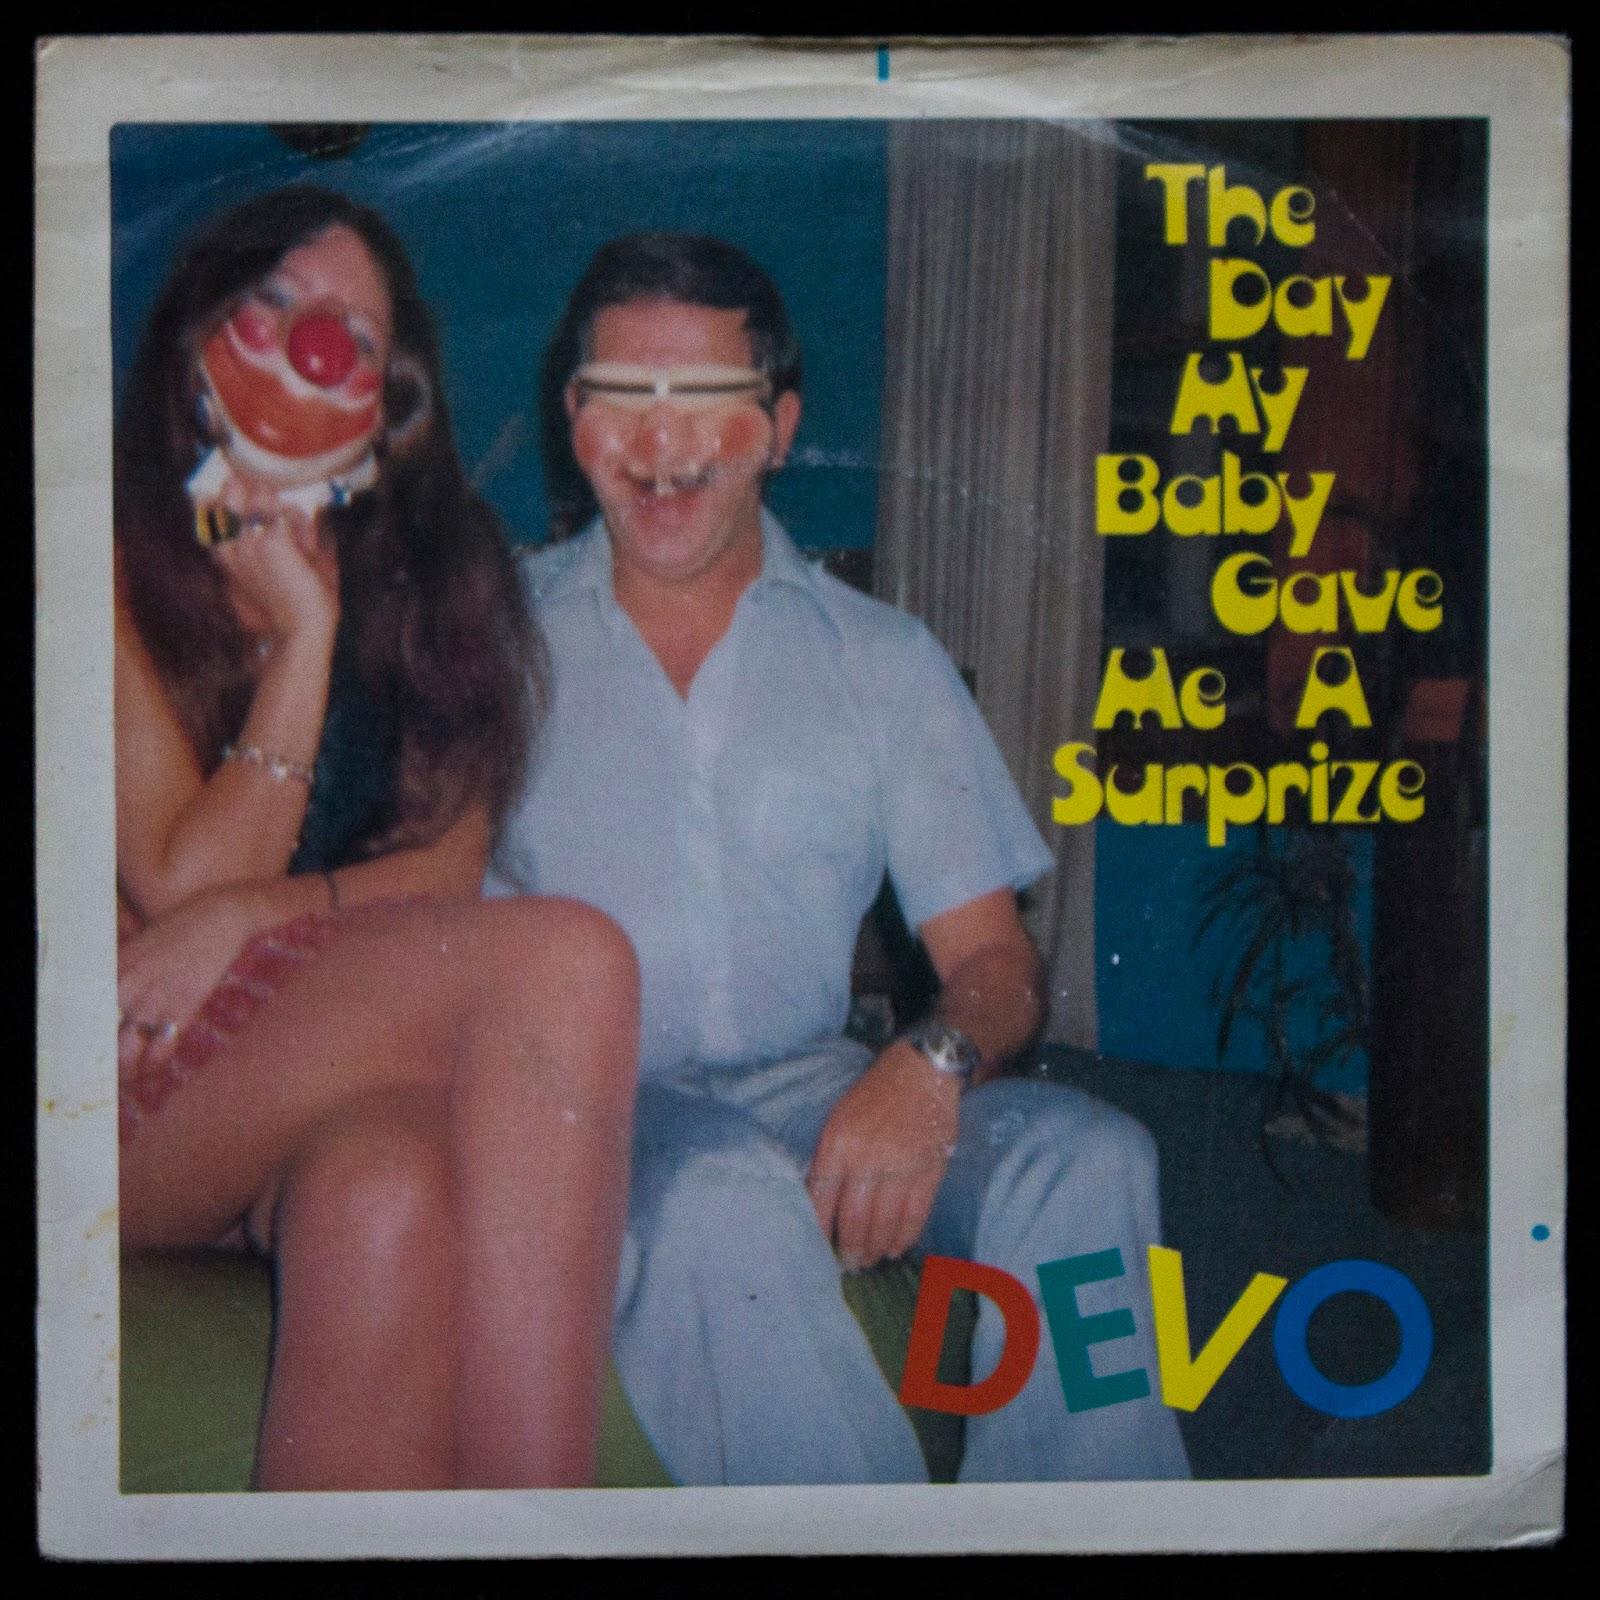 Devo singles